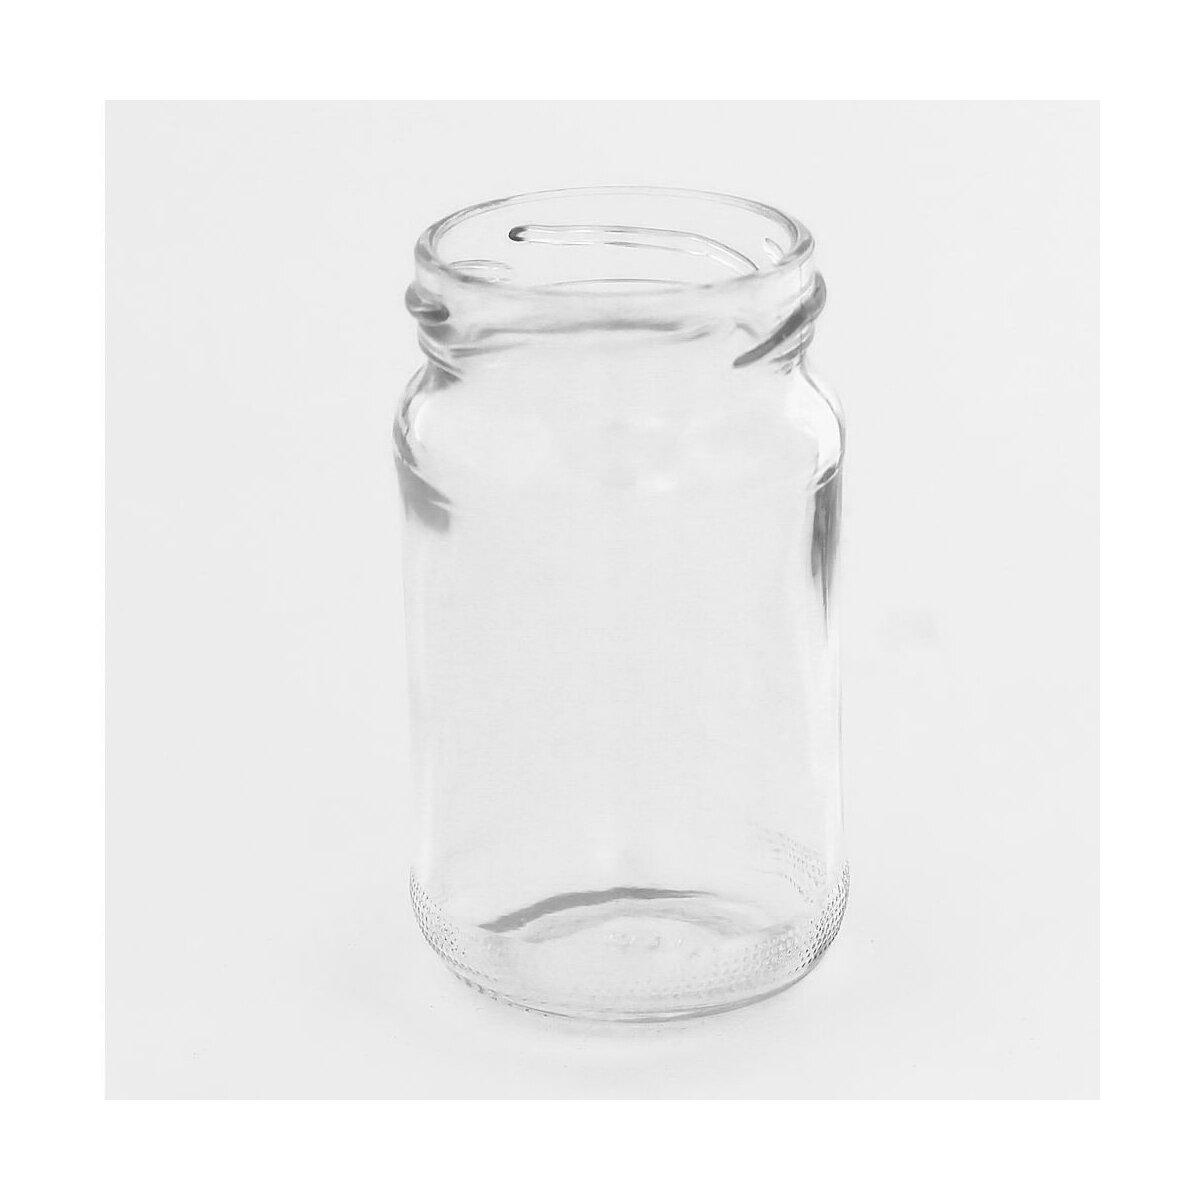 Rundglas 107 ml mit Schraubverschluss